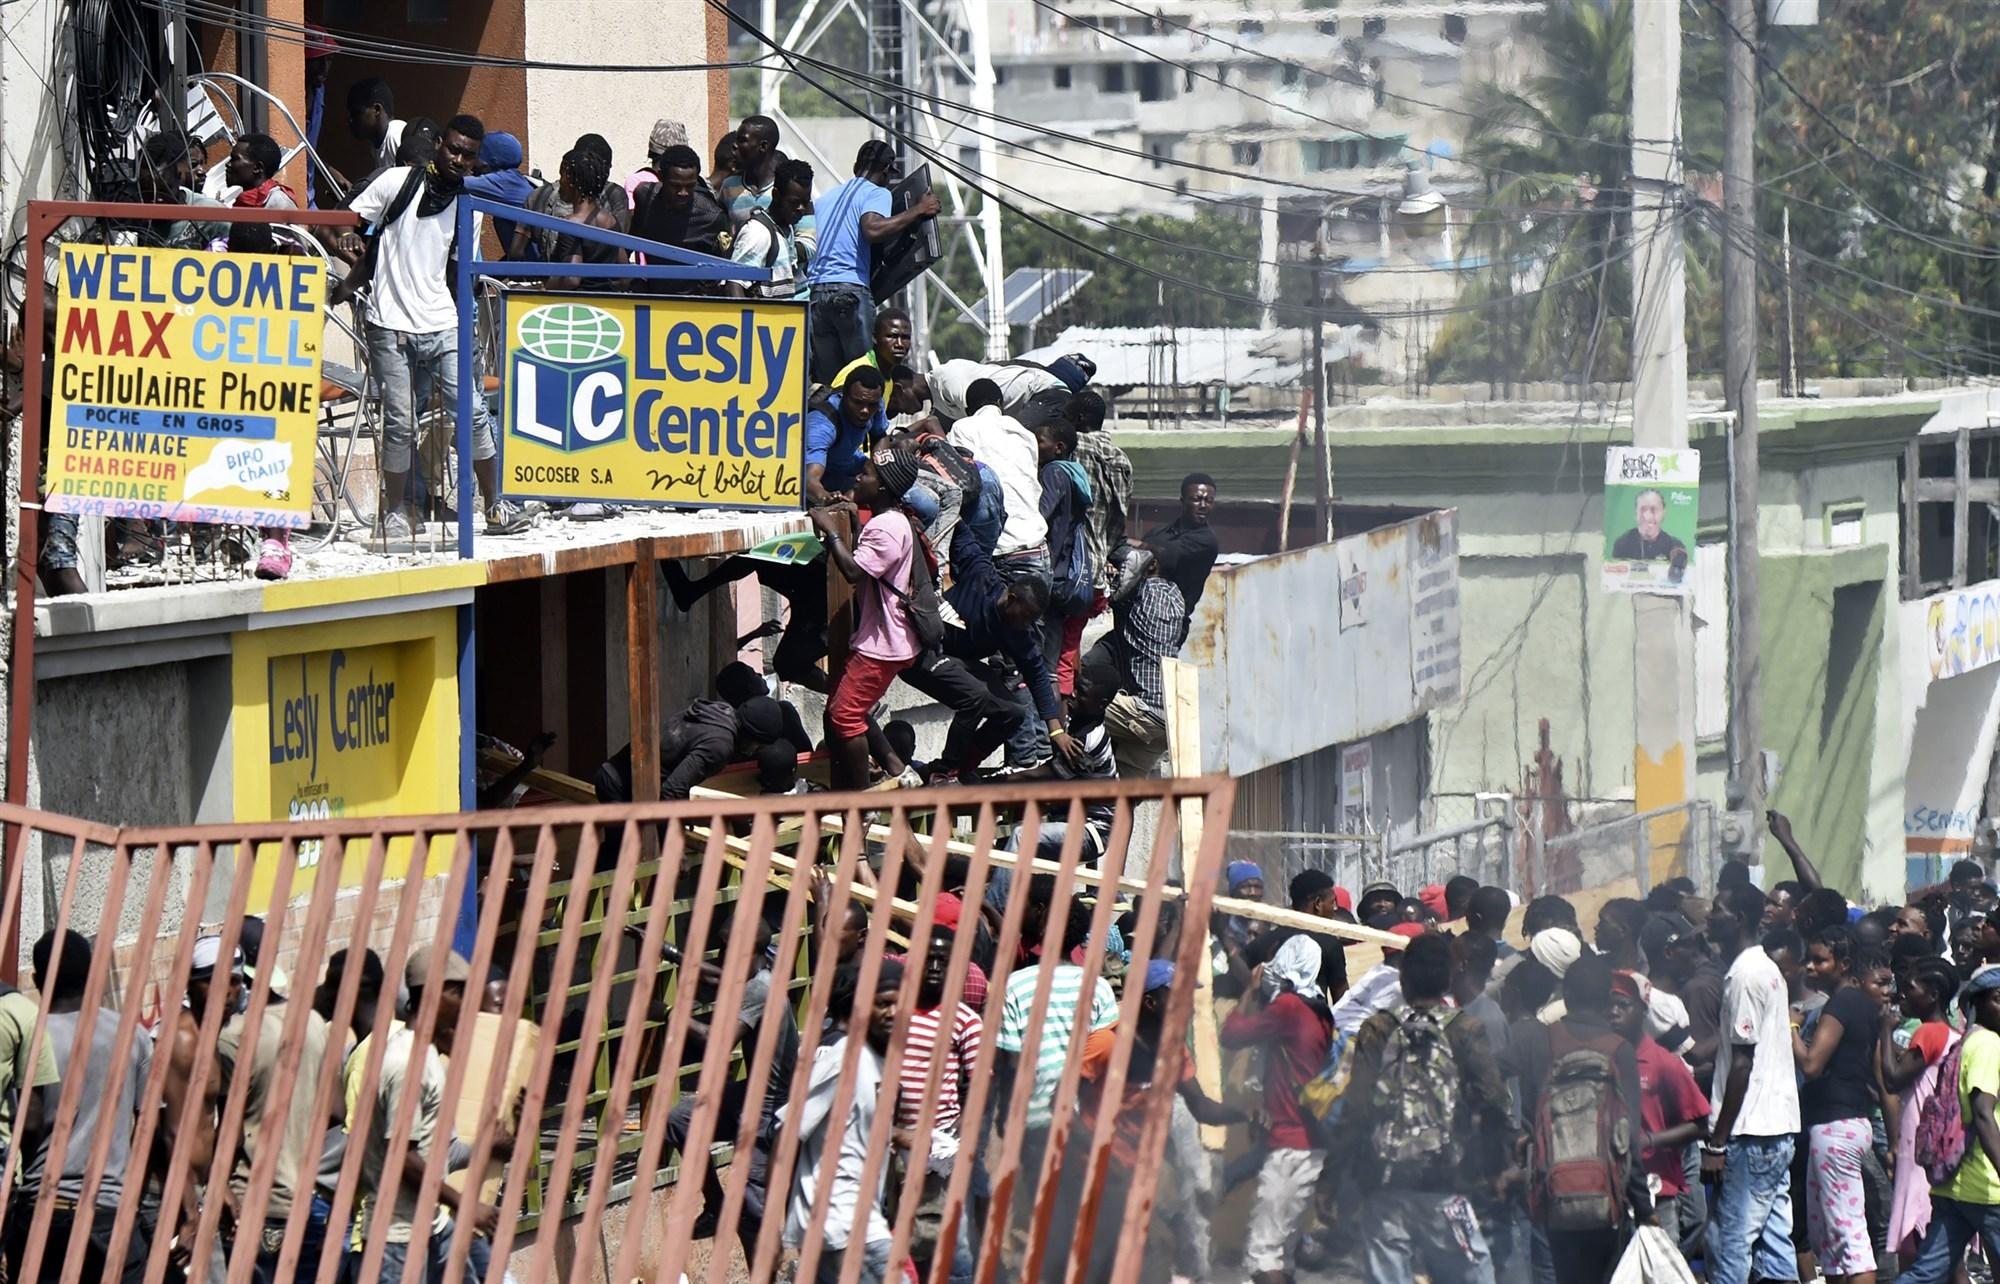 Гаити: Массовые протесты заставили власти отменить повышение цен